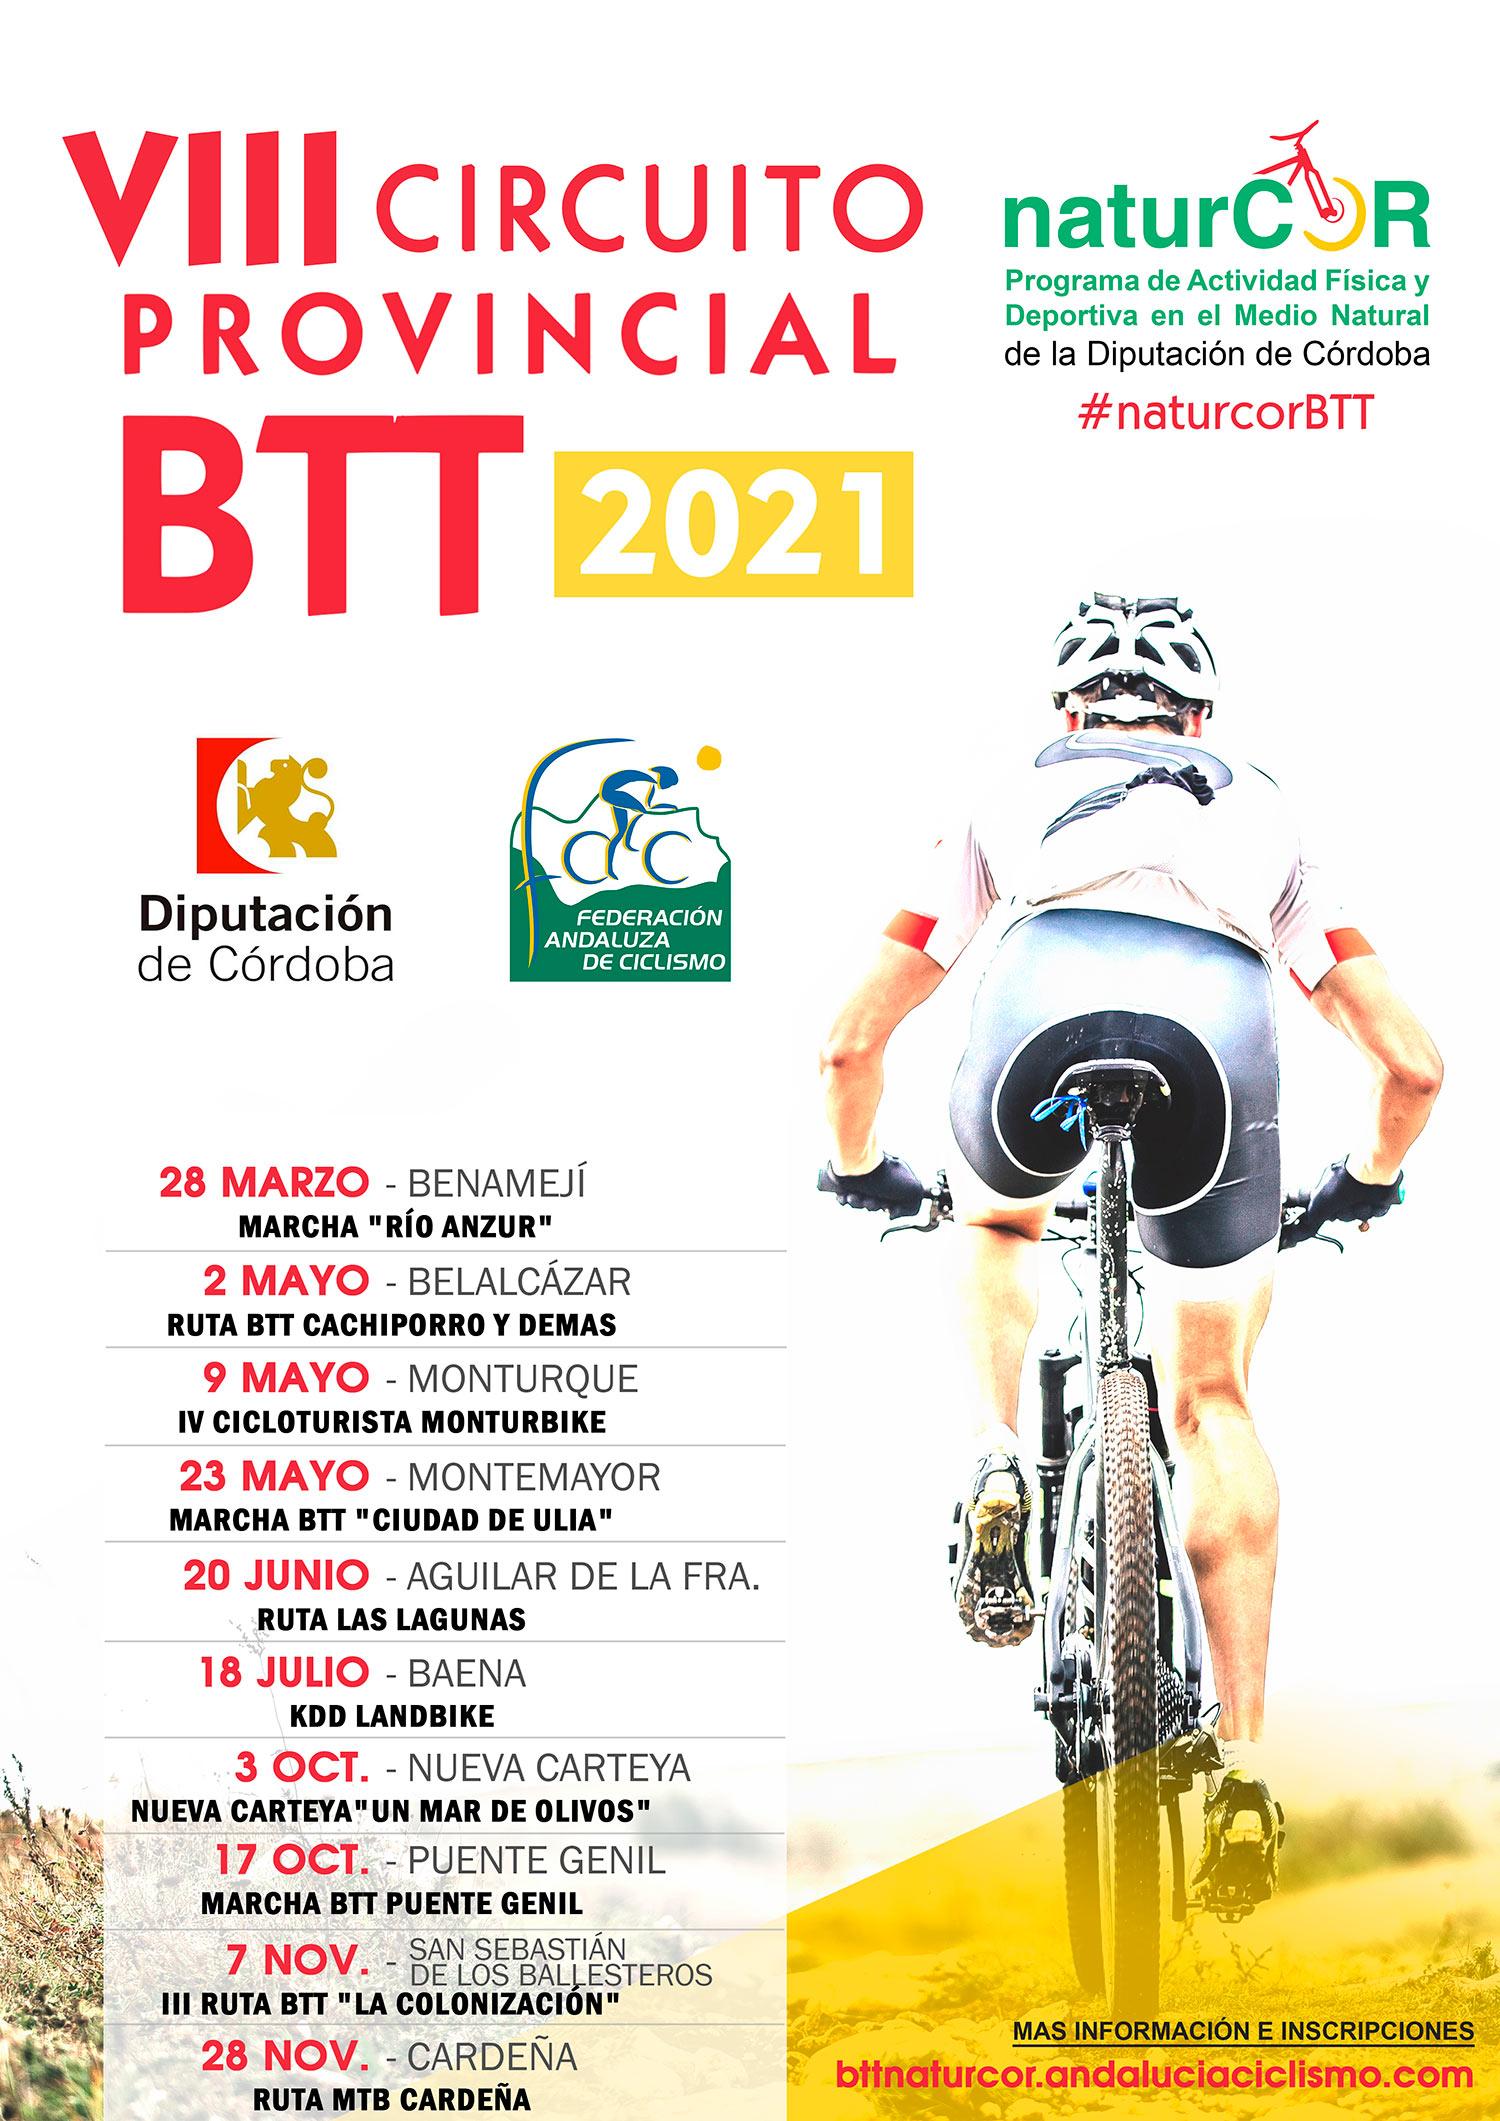 Fechas del VIII Circuito Provincial de BTT NaturCor 2021